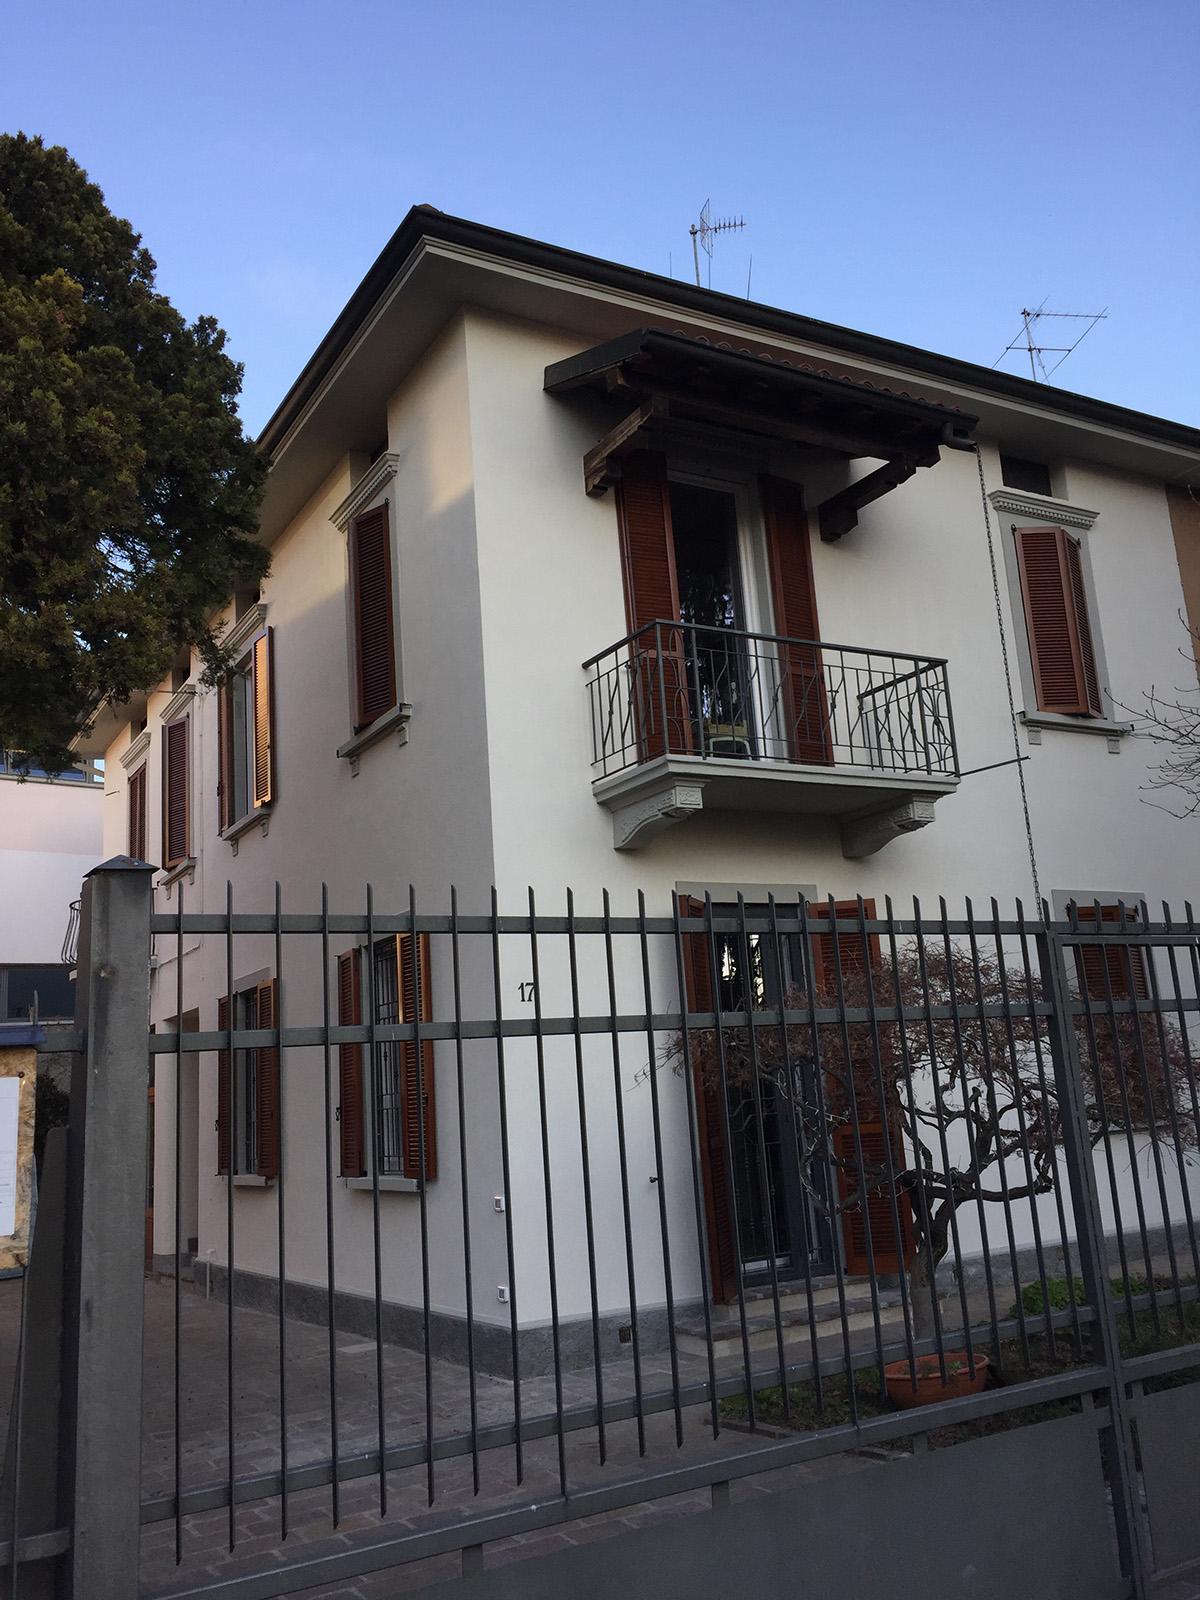 Perico-Renato-Bergamo - Via Gerosa - Ristrutturazione 1